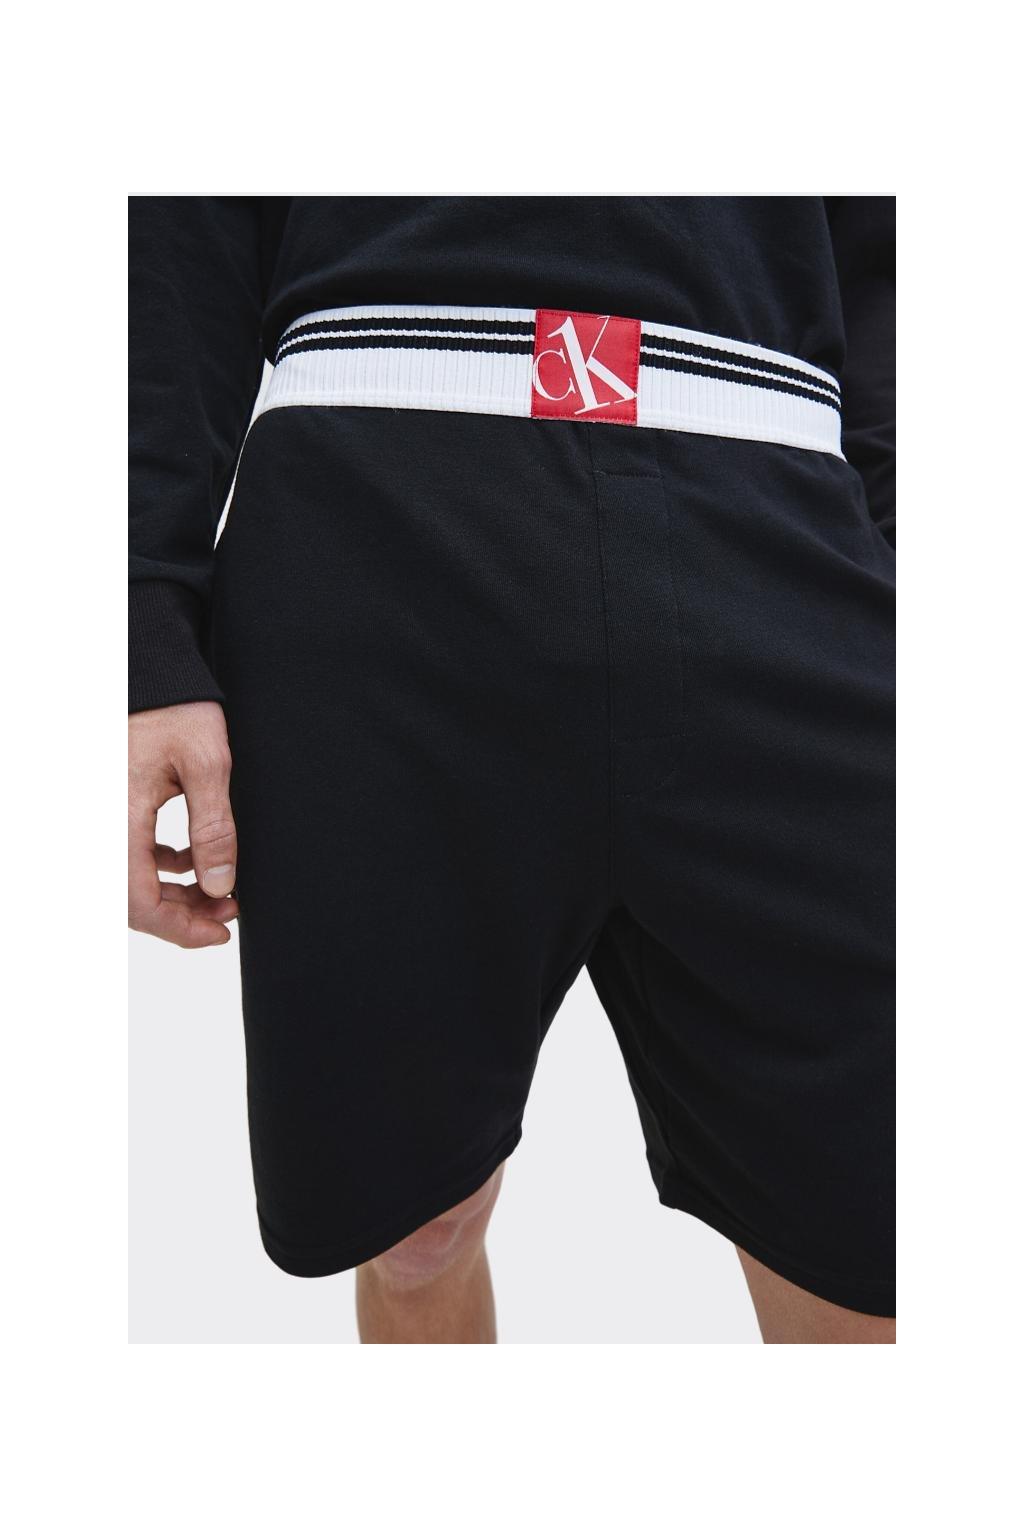 Calvin Klein šortky pánské - černé